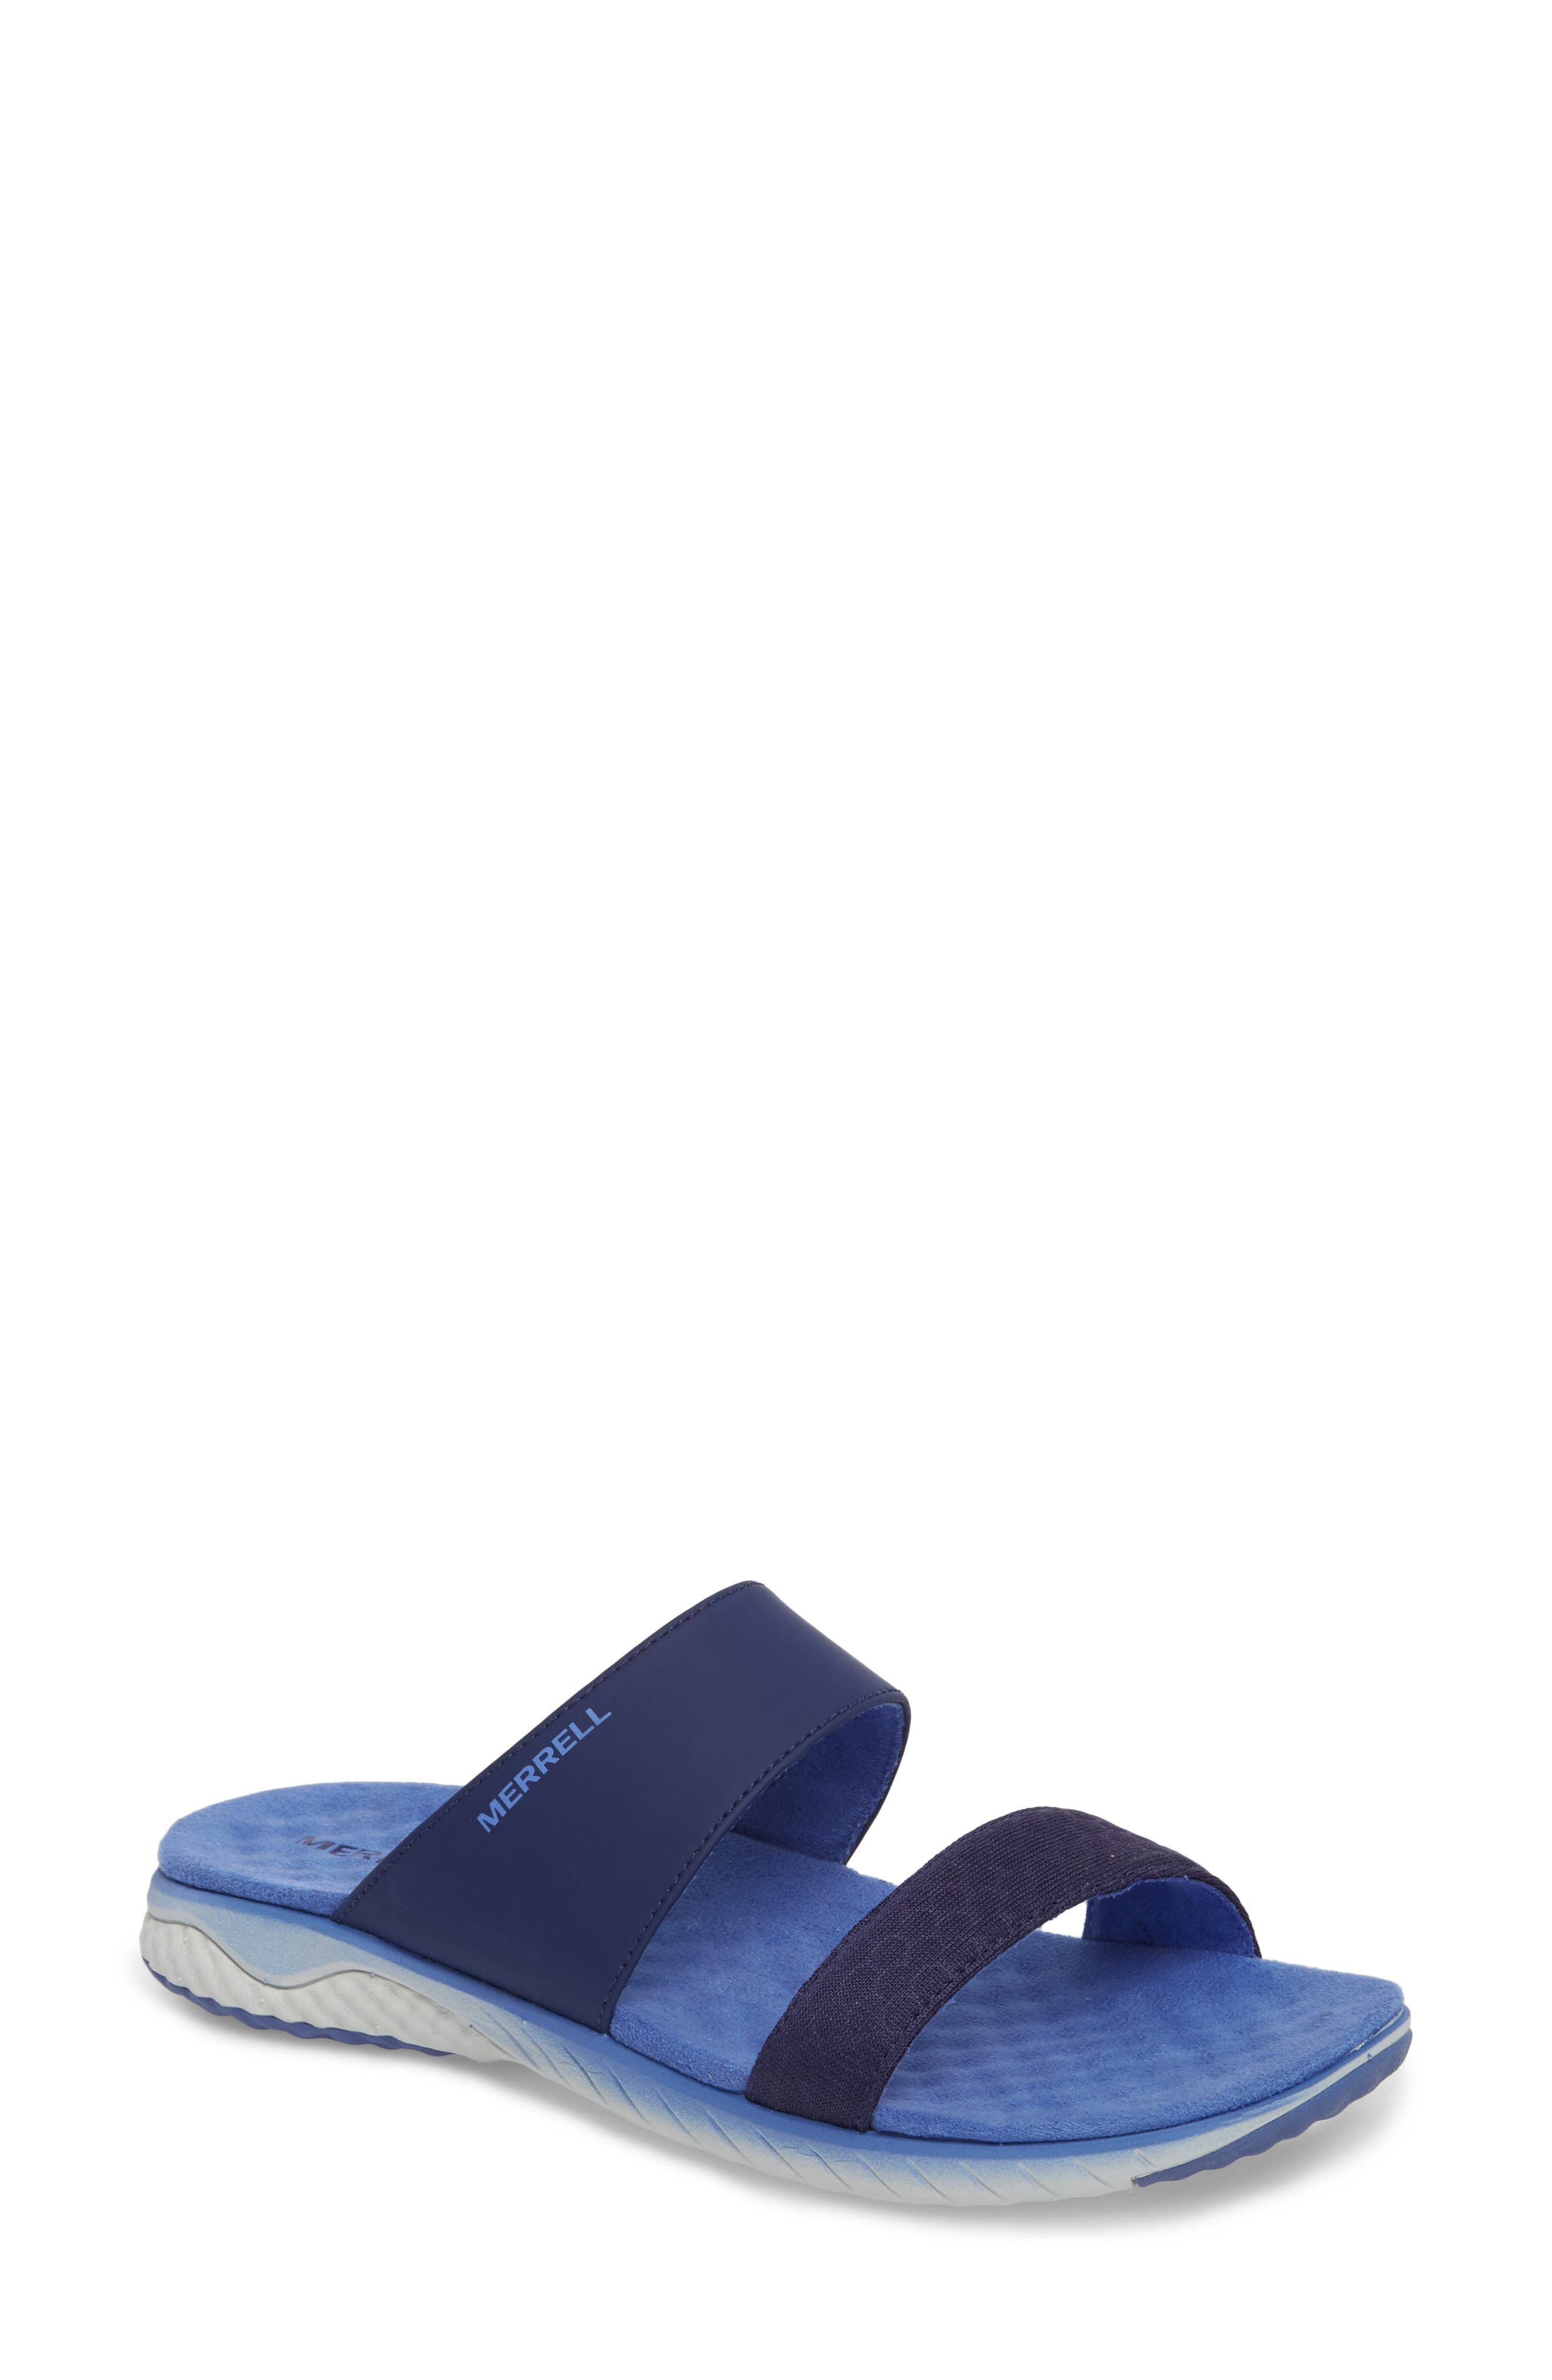 1SIX8 Linna Air Cushion+ Slide Sandal,                             Main thumbnail 3, color,